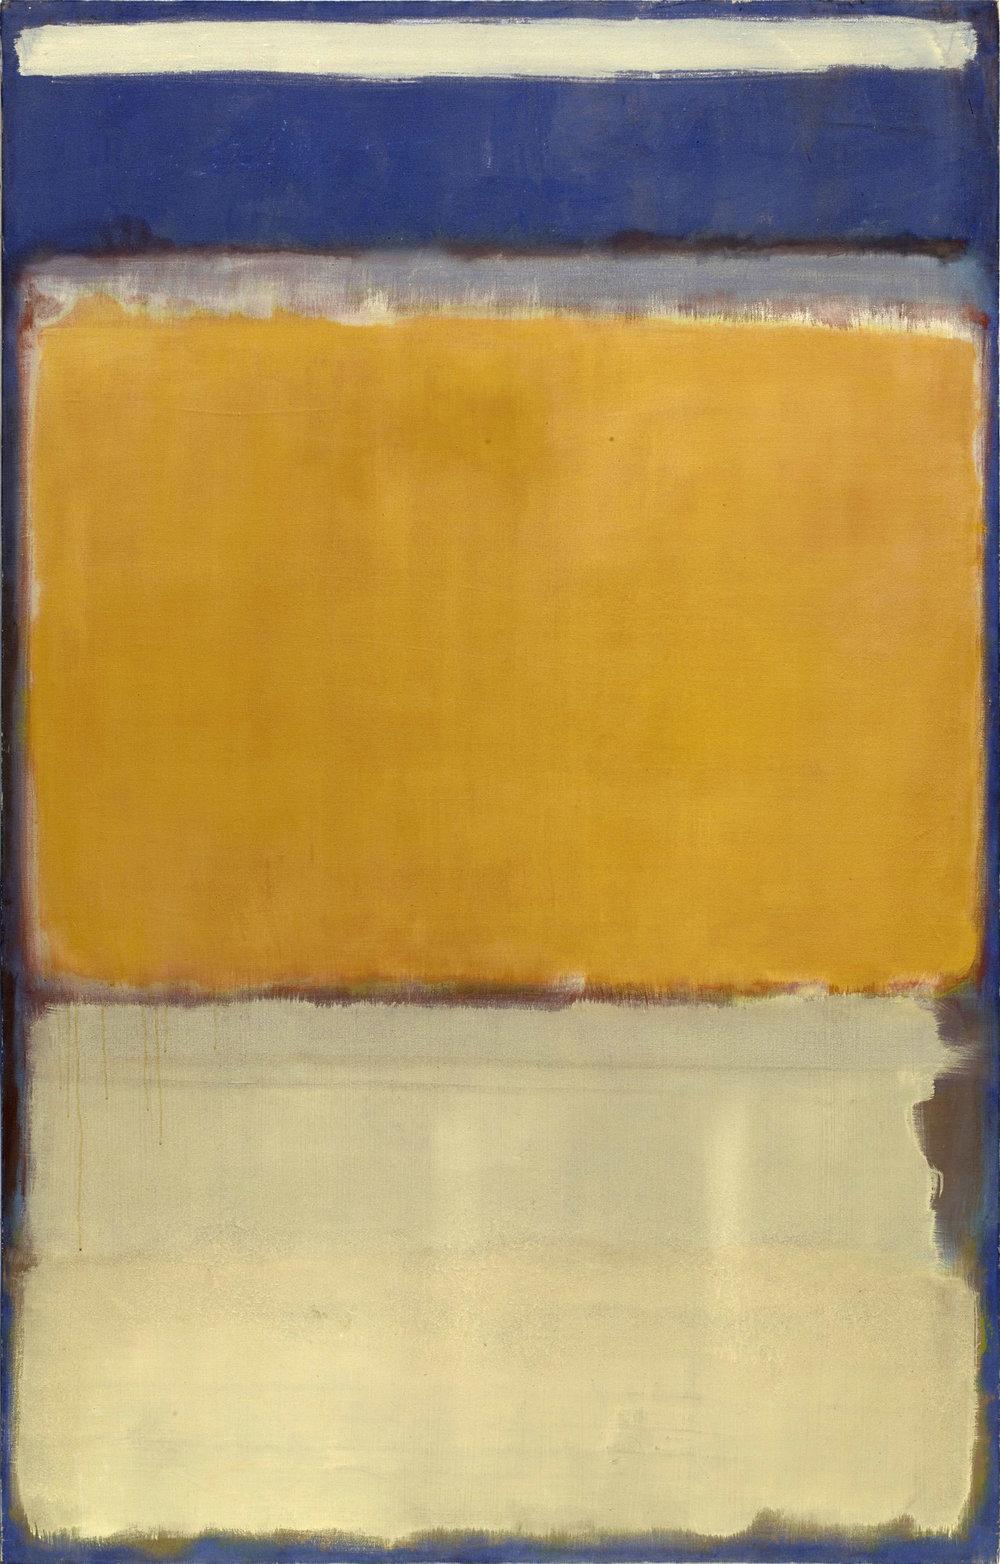 Mark Rothko, No. 10, 1950